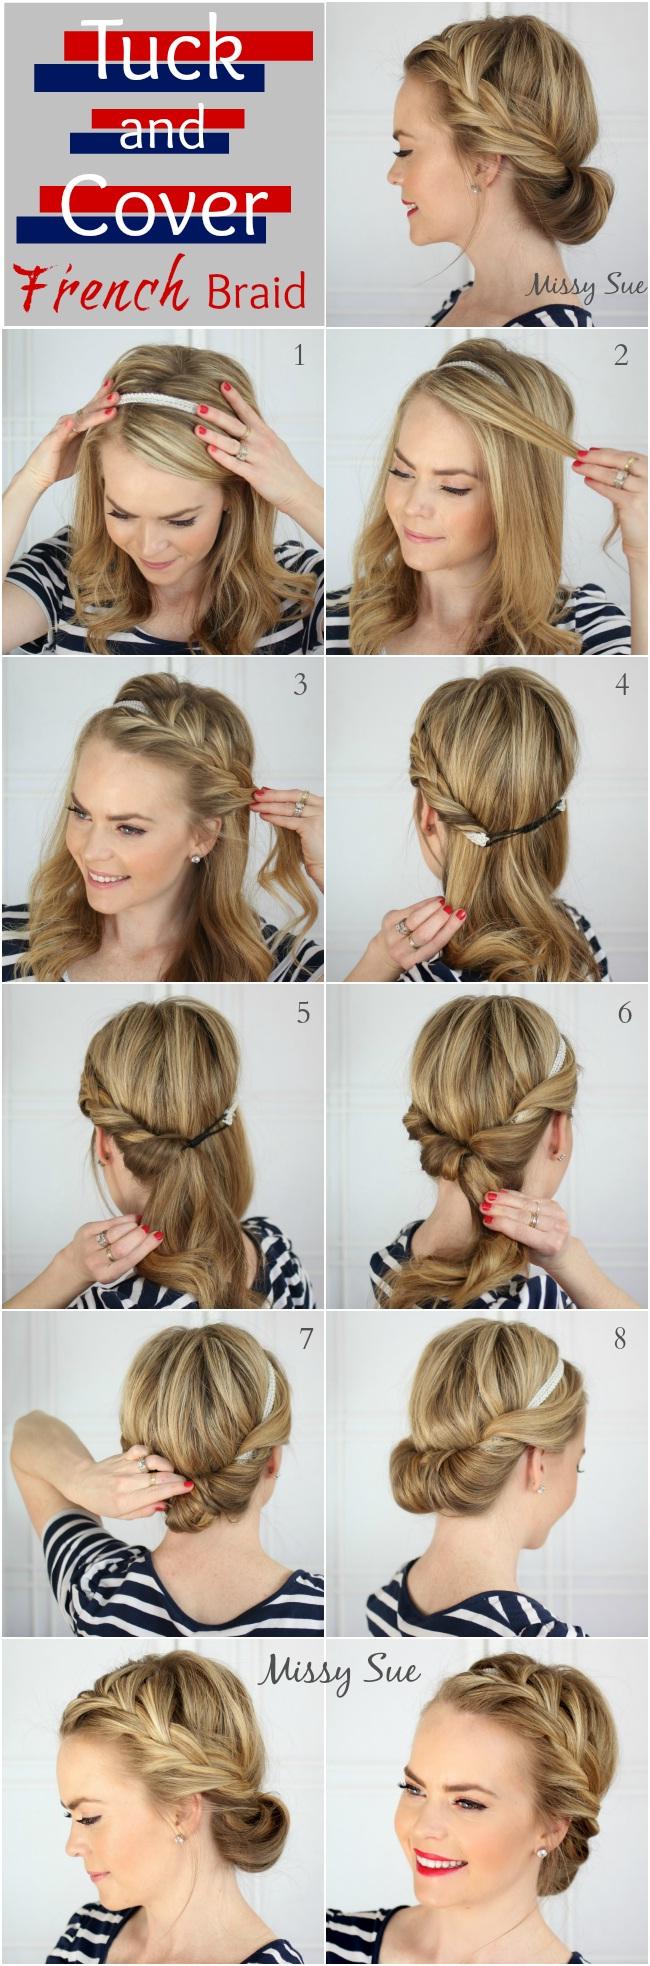 coiffures-de-mariage-8